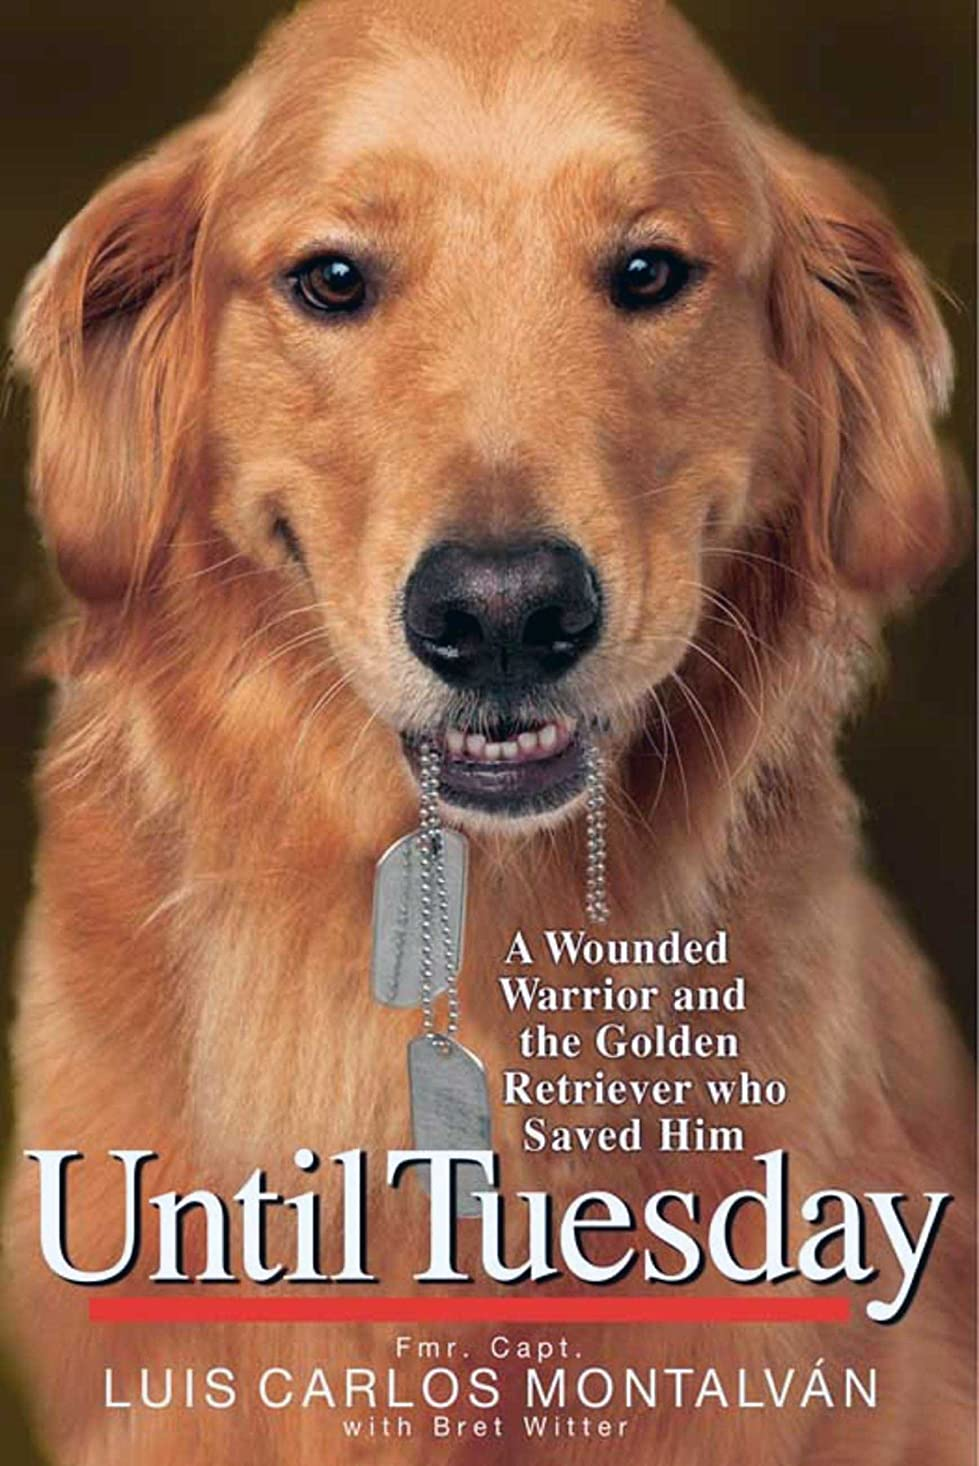 忠実引き受ける管理者Until Tuesday: A Wounded Warrior and the Golden Retriever Who Saved Him (English Edition)